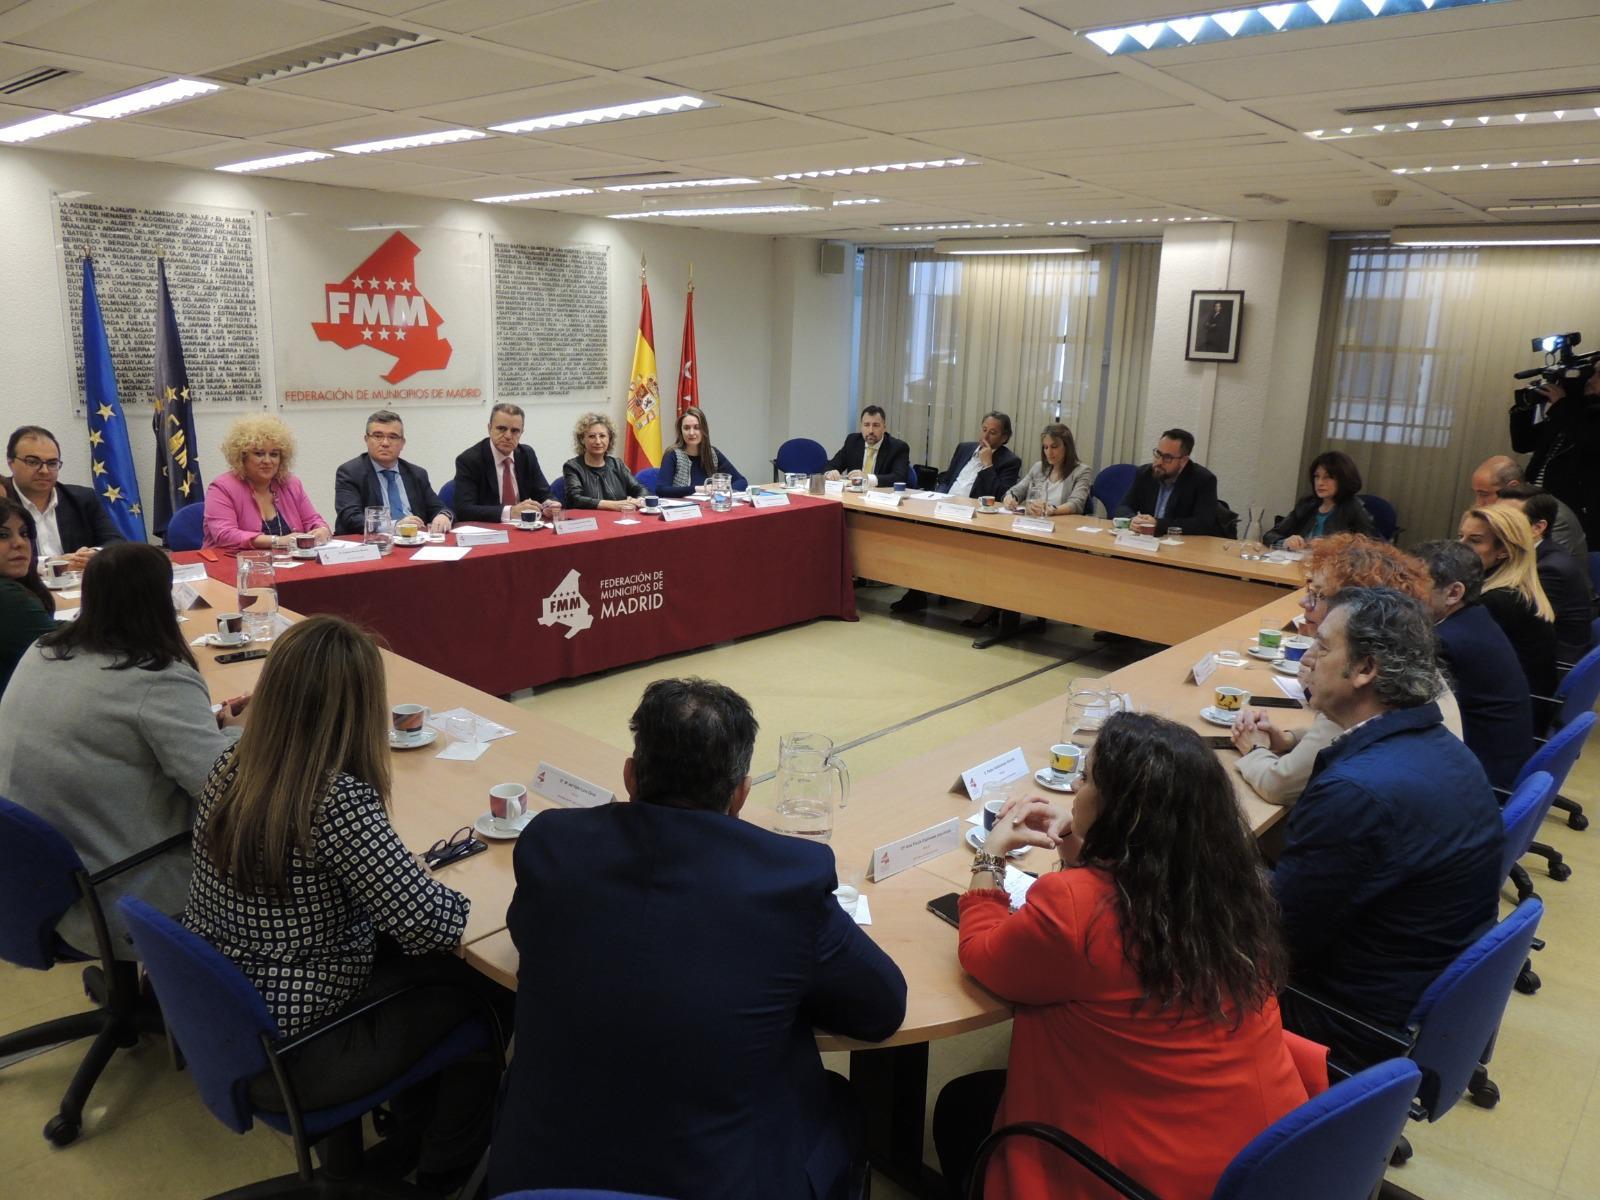 La Alcaldesa ha participado en la reunión de la FMM con el Delegado de Gobierno